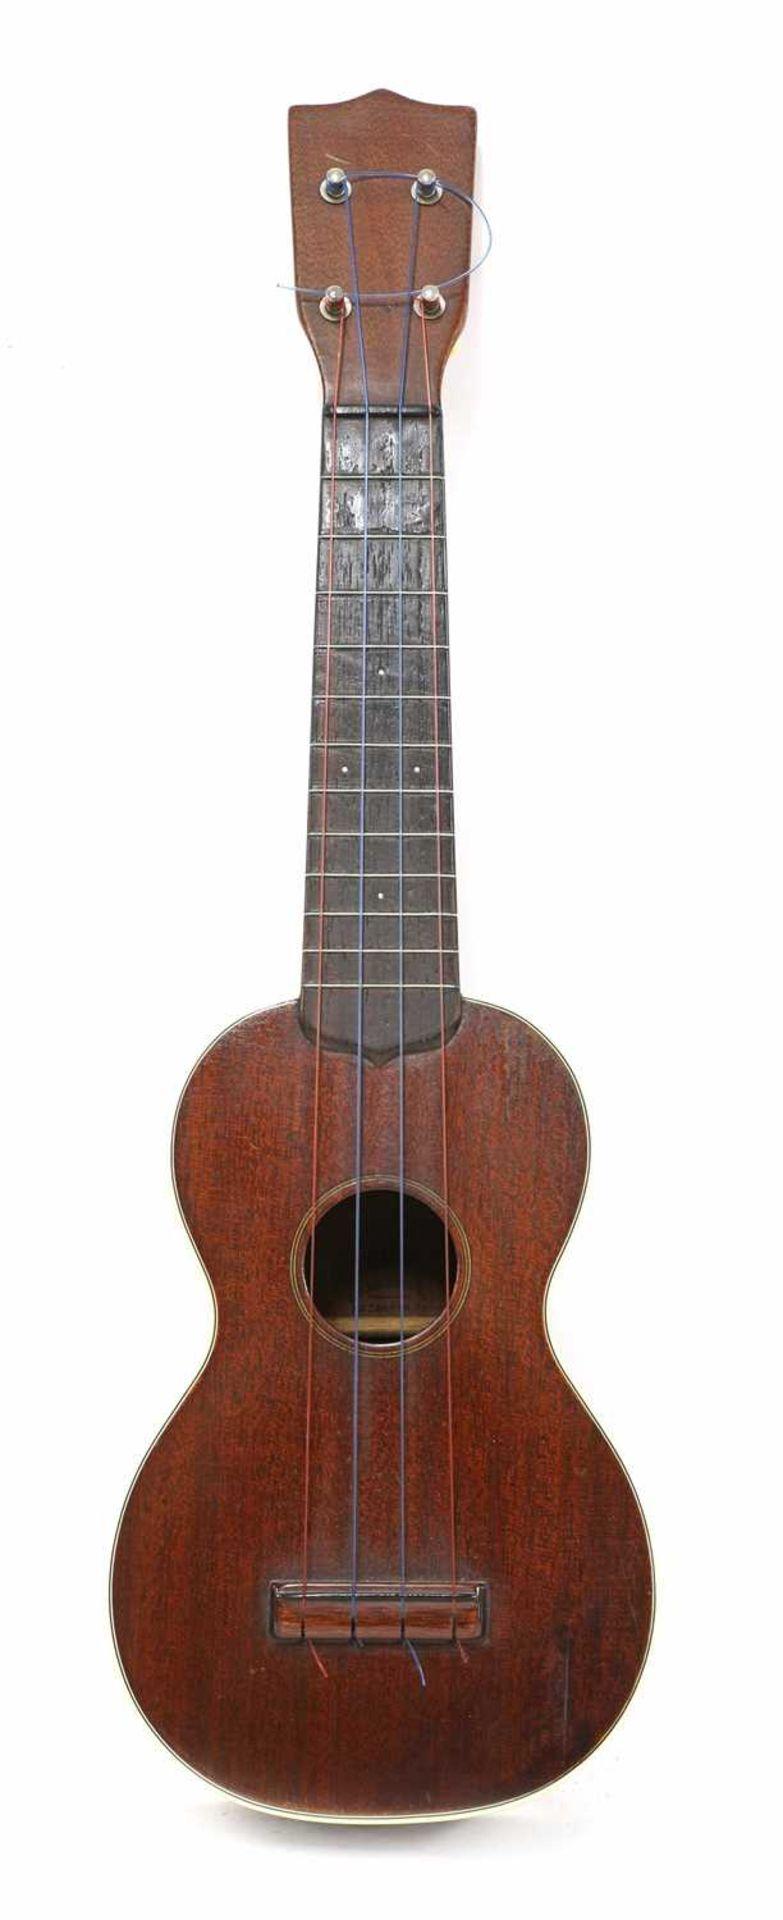 A Martin & Co. Style 2 ukulele,